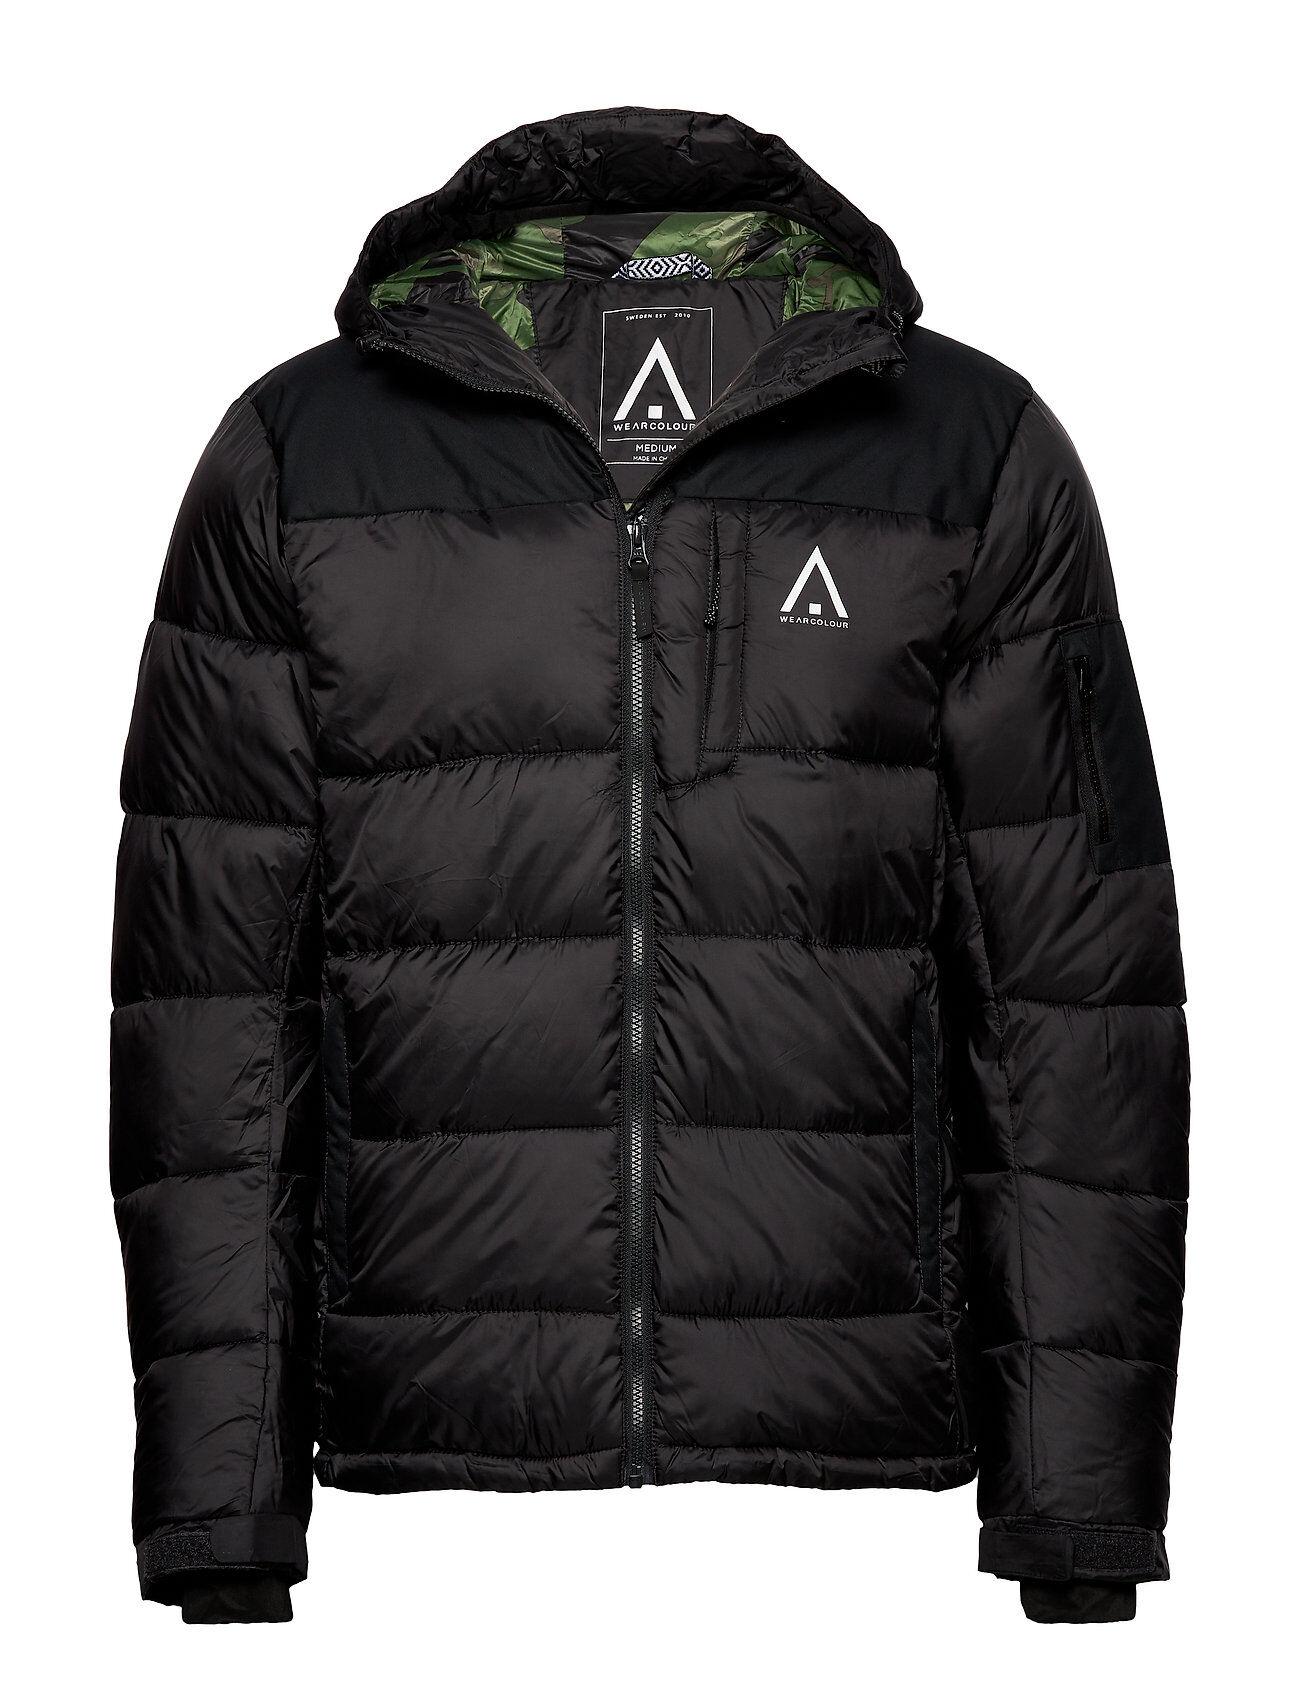 WearColour Zeal Jacket Outerwear Sport Jackets Musta WearColour